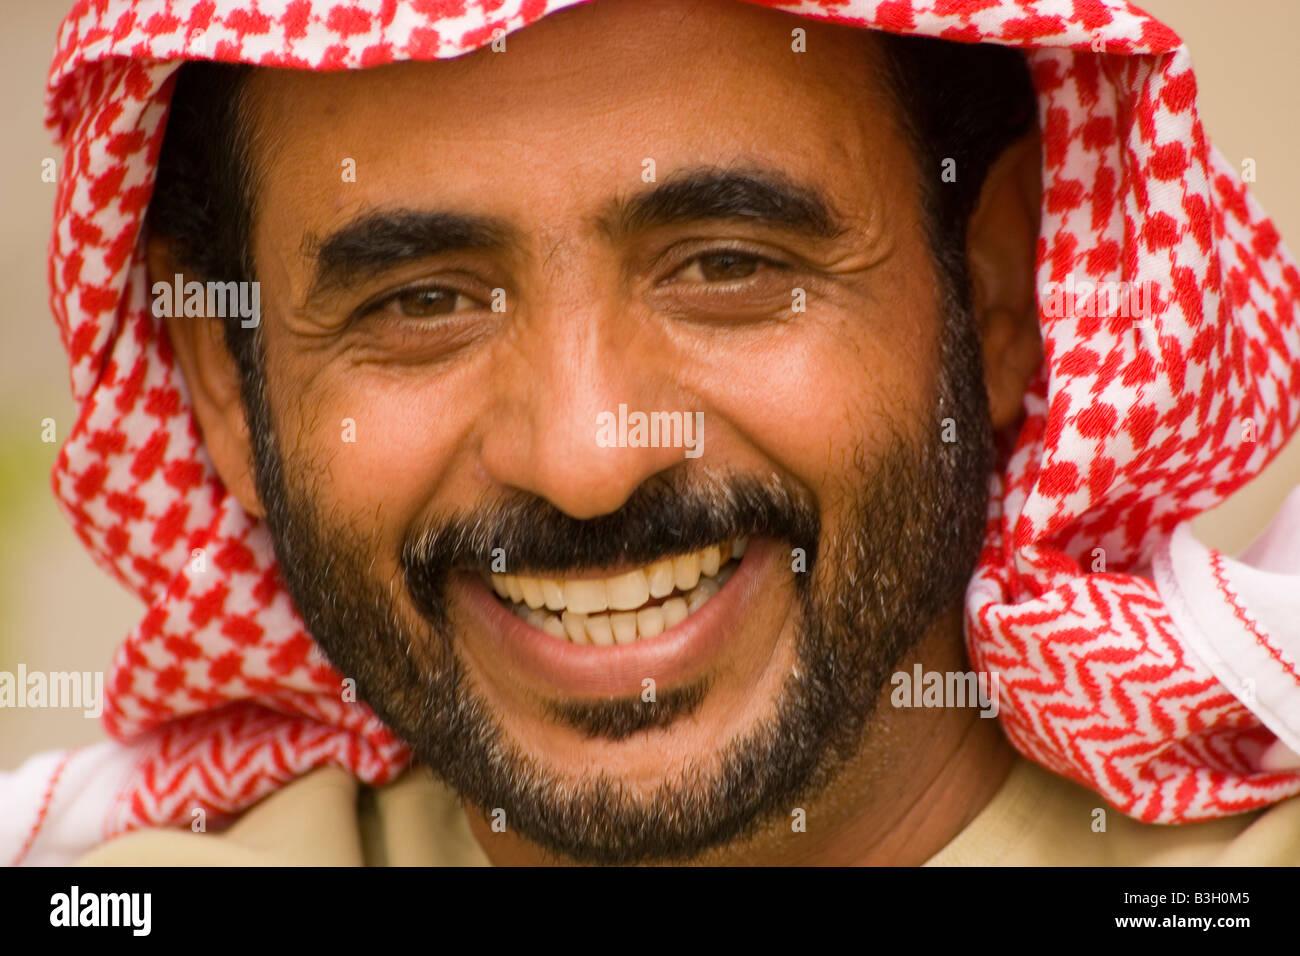 Hombre maduro sonriendo, Retrato Imagen De Stock